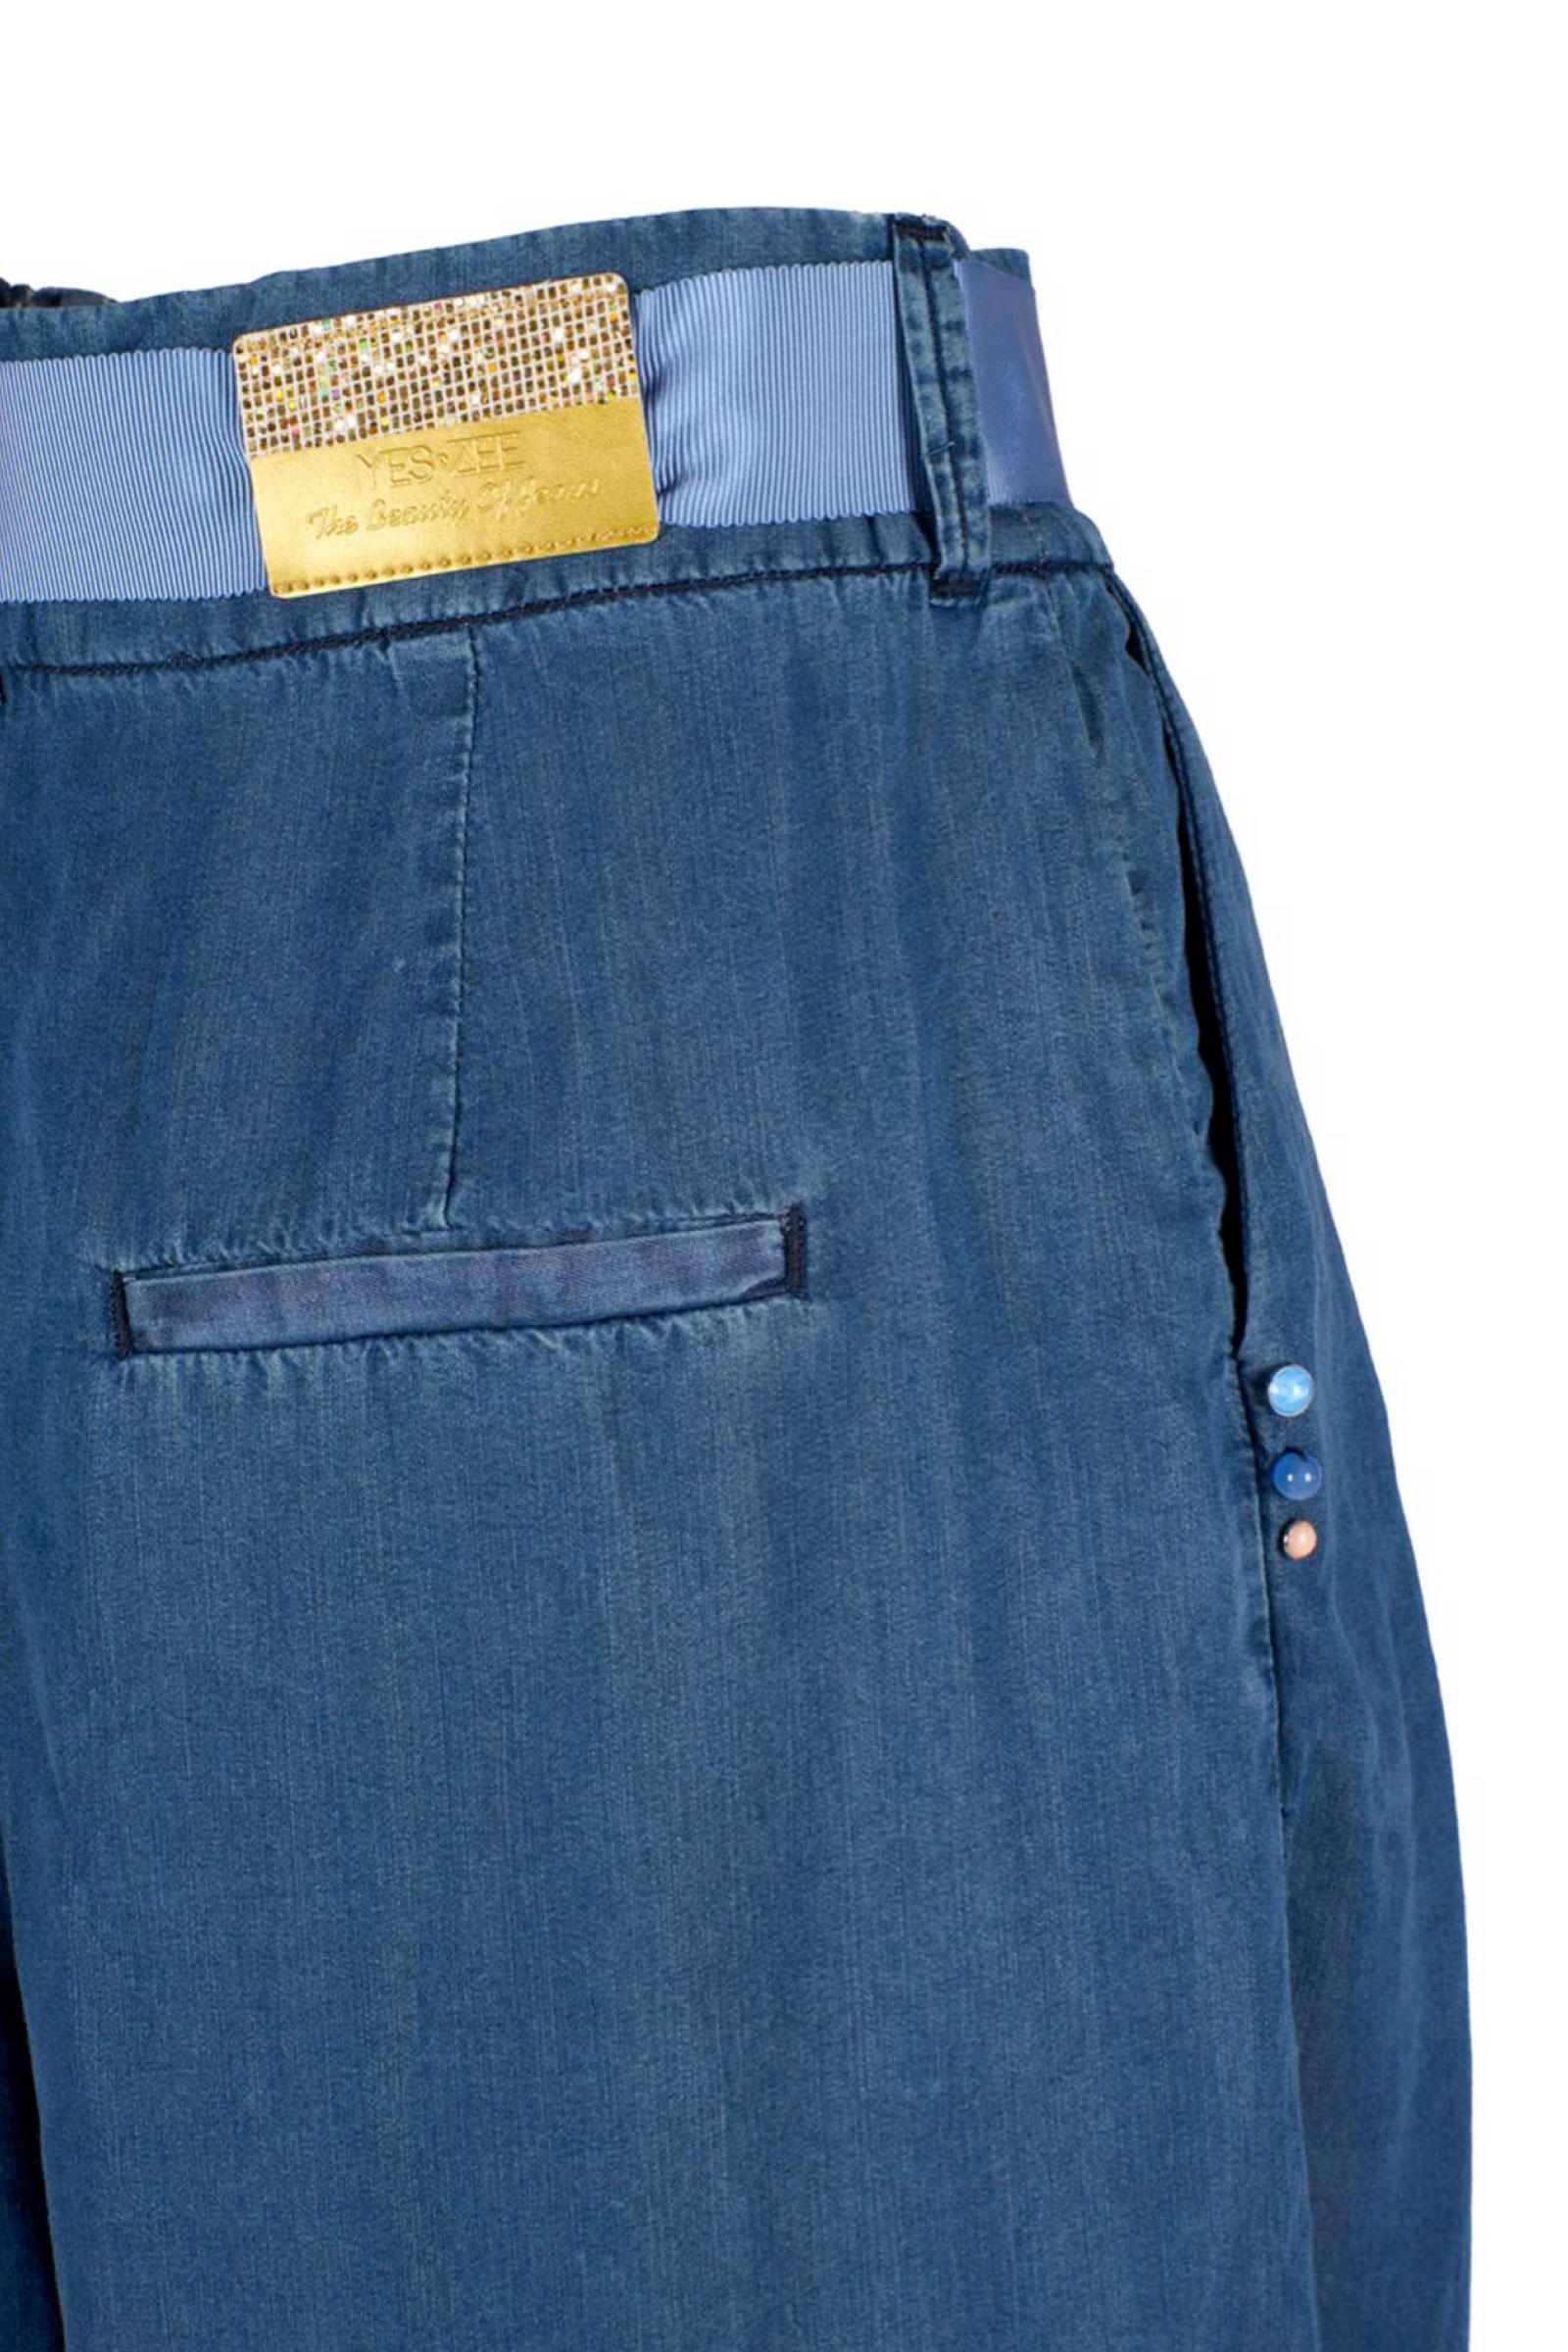 YES.ZEE | Jeans | P383 X805J711